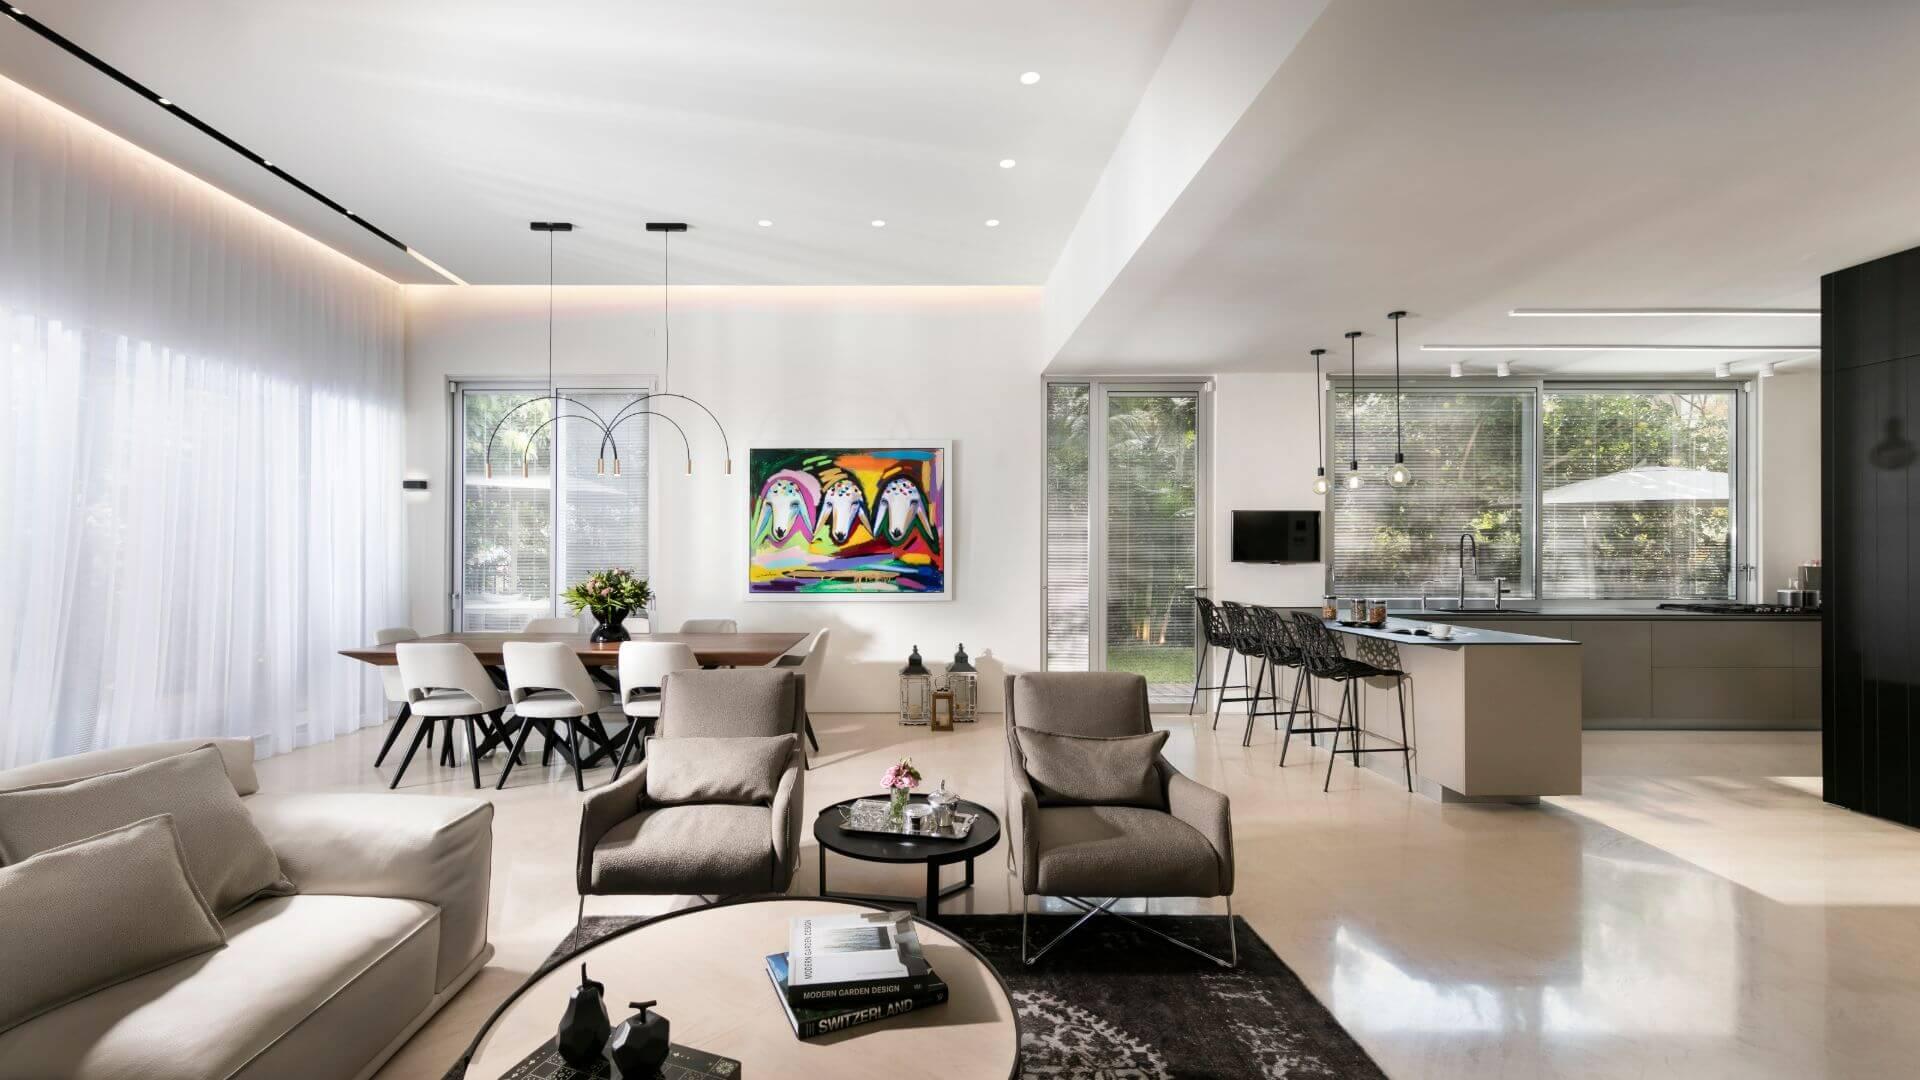 רהיטים מעוצבים לבית שילוב מנצח של איכות ונוחות!